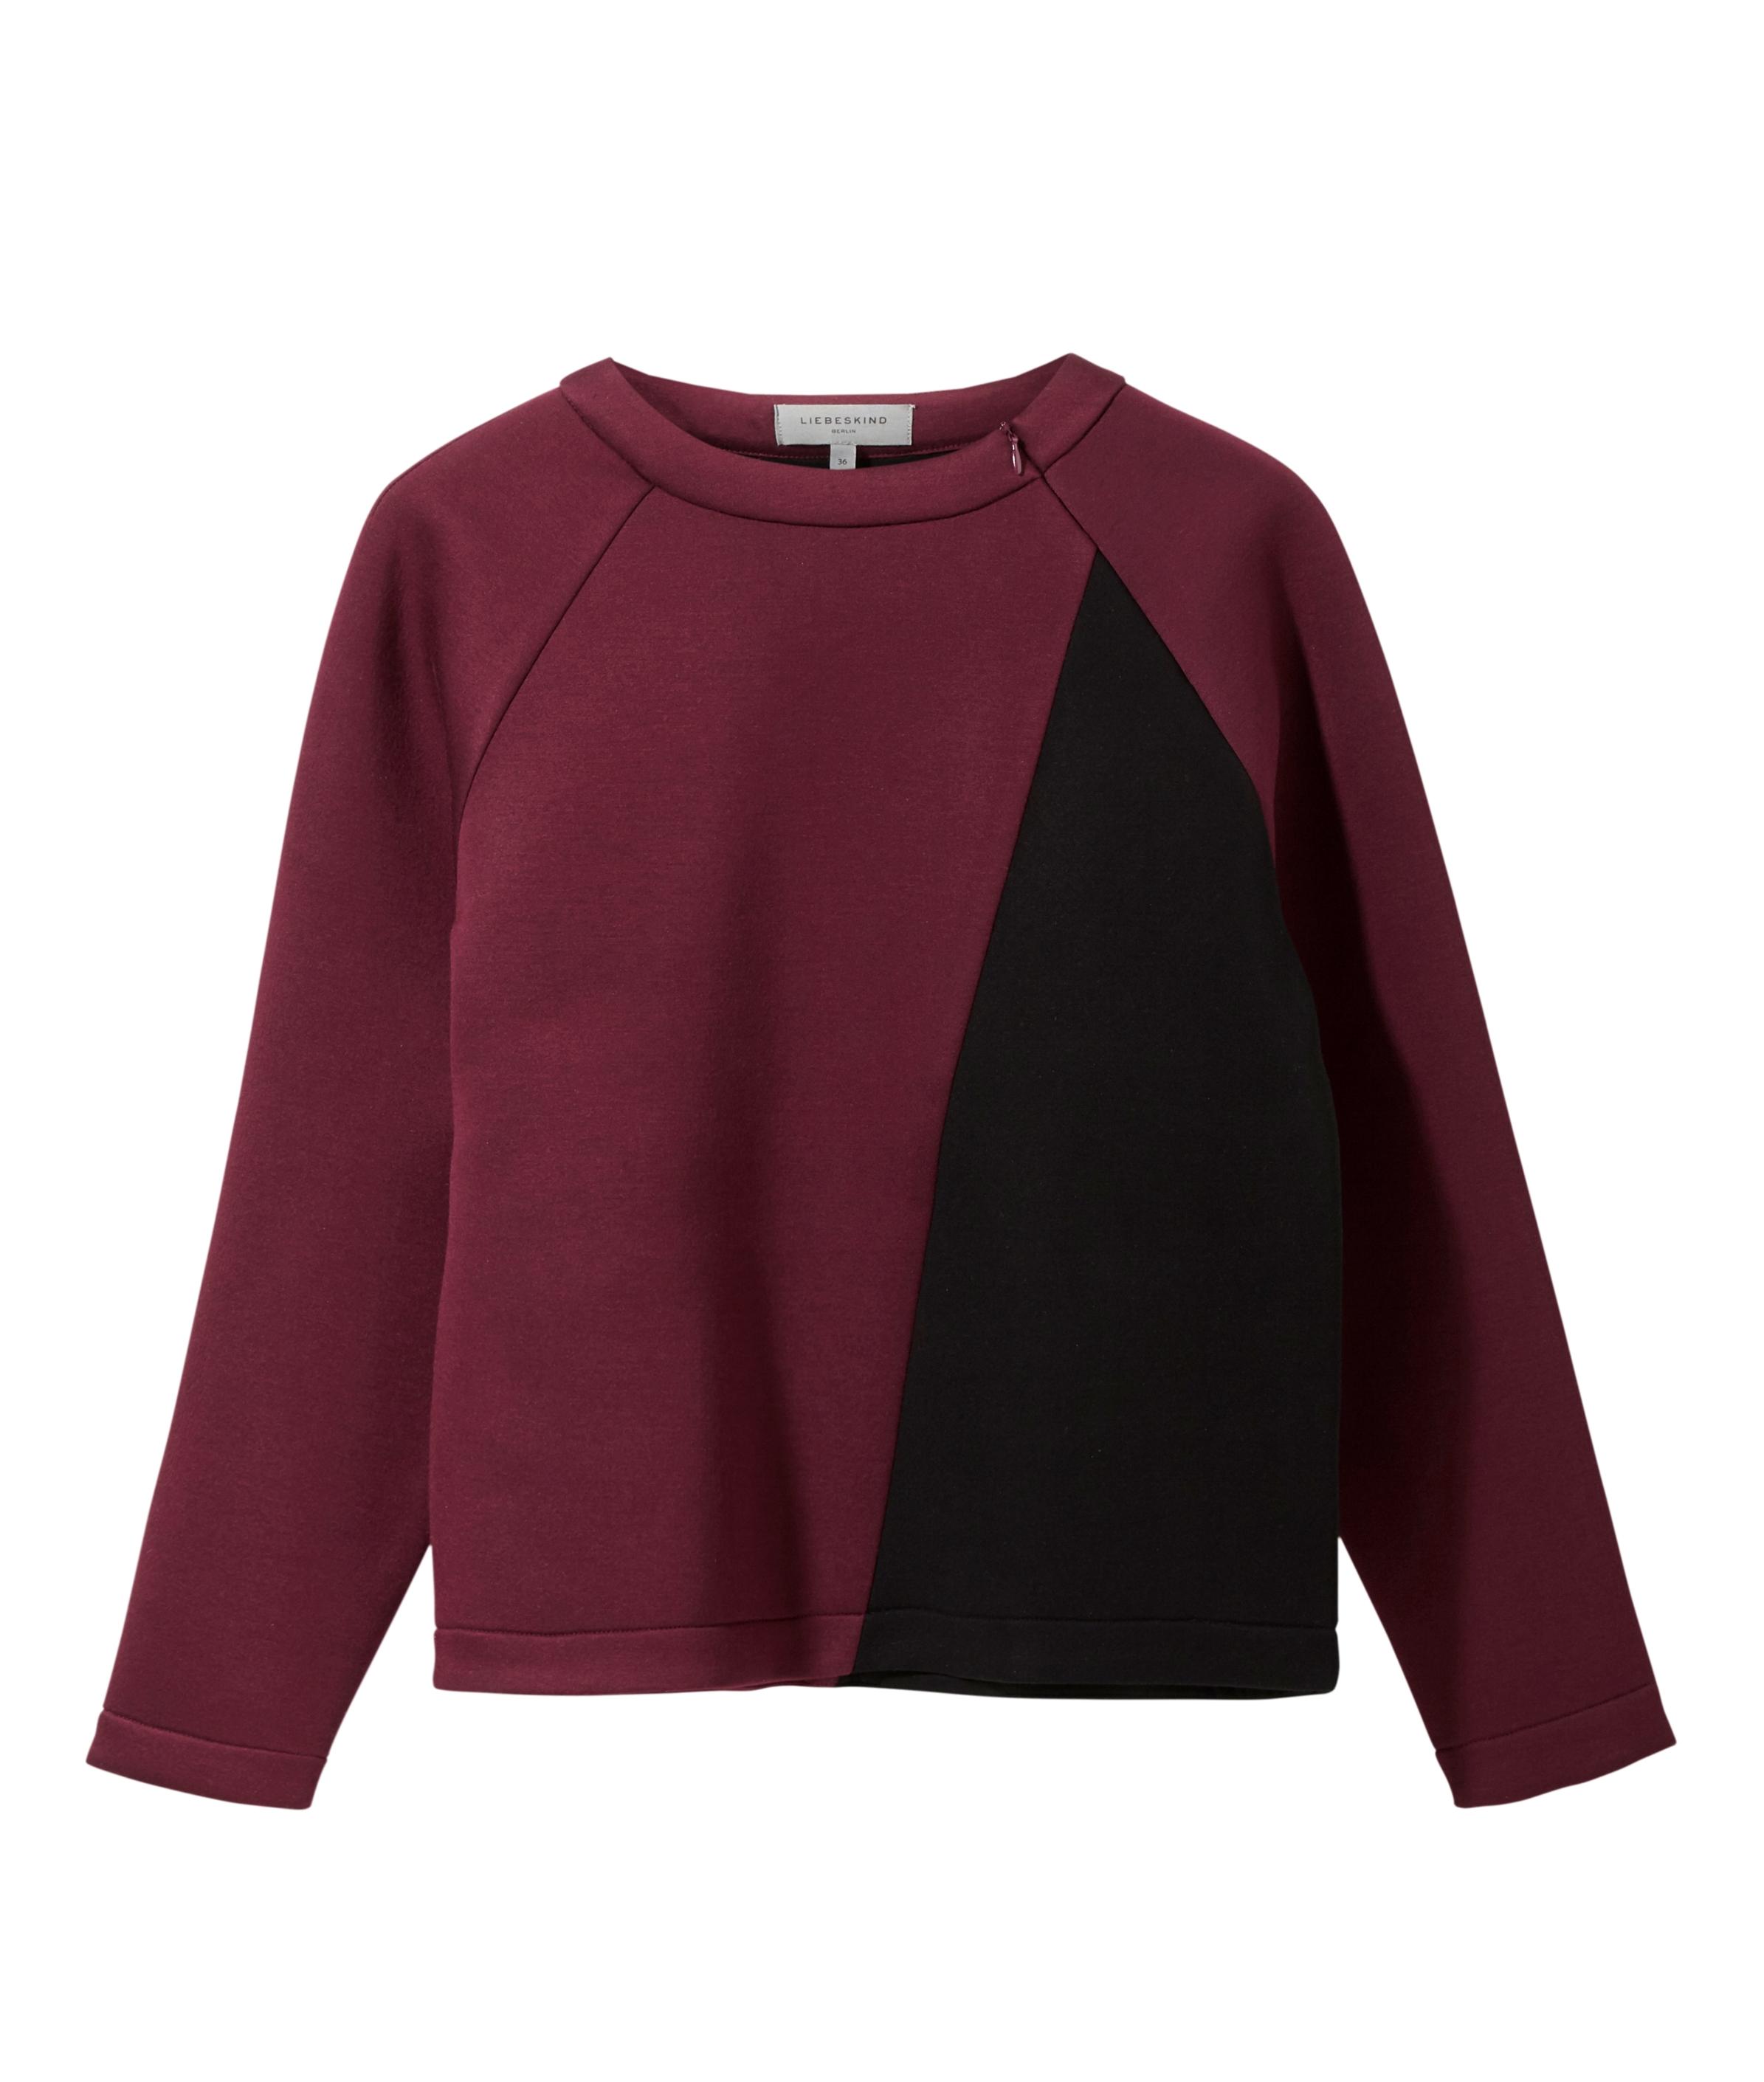 liebeskind berlin - Pullover aus Neoprenmaterial, Pink, Größe 34